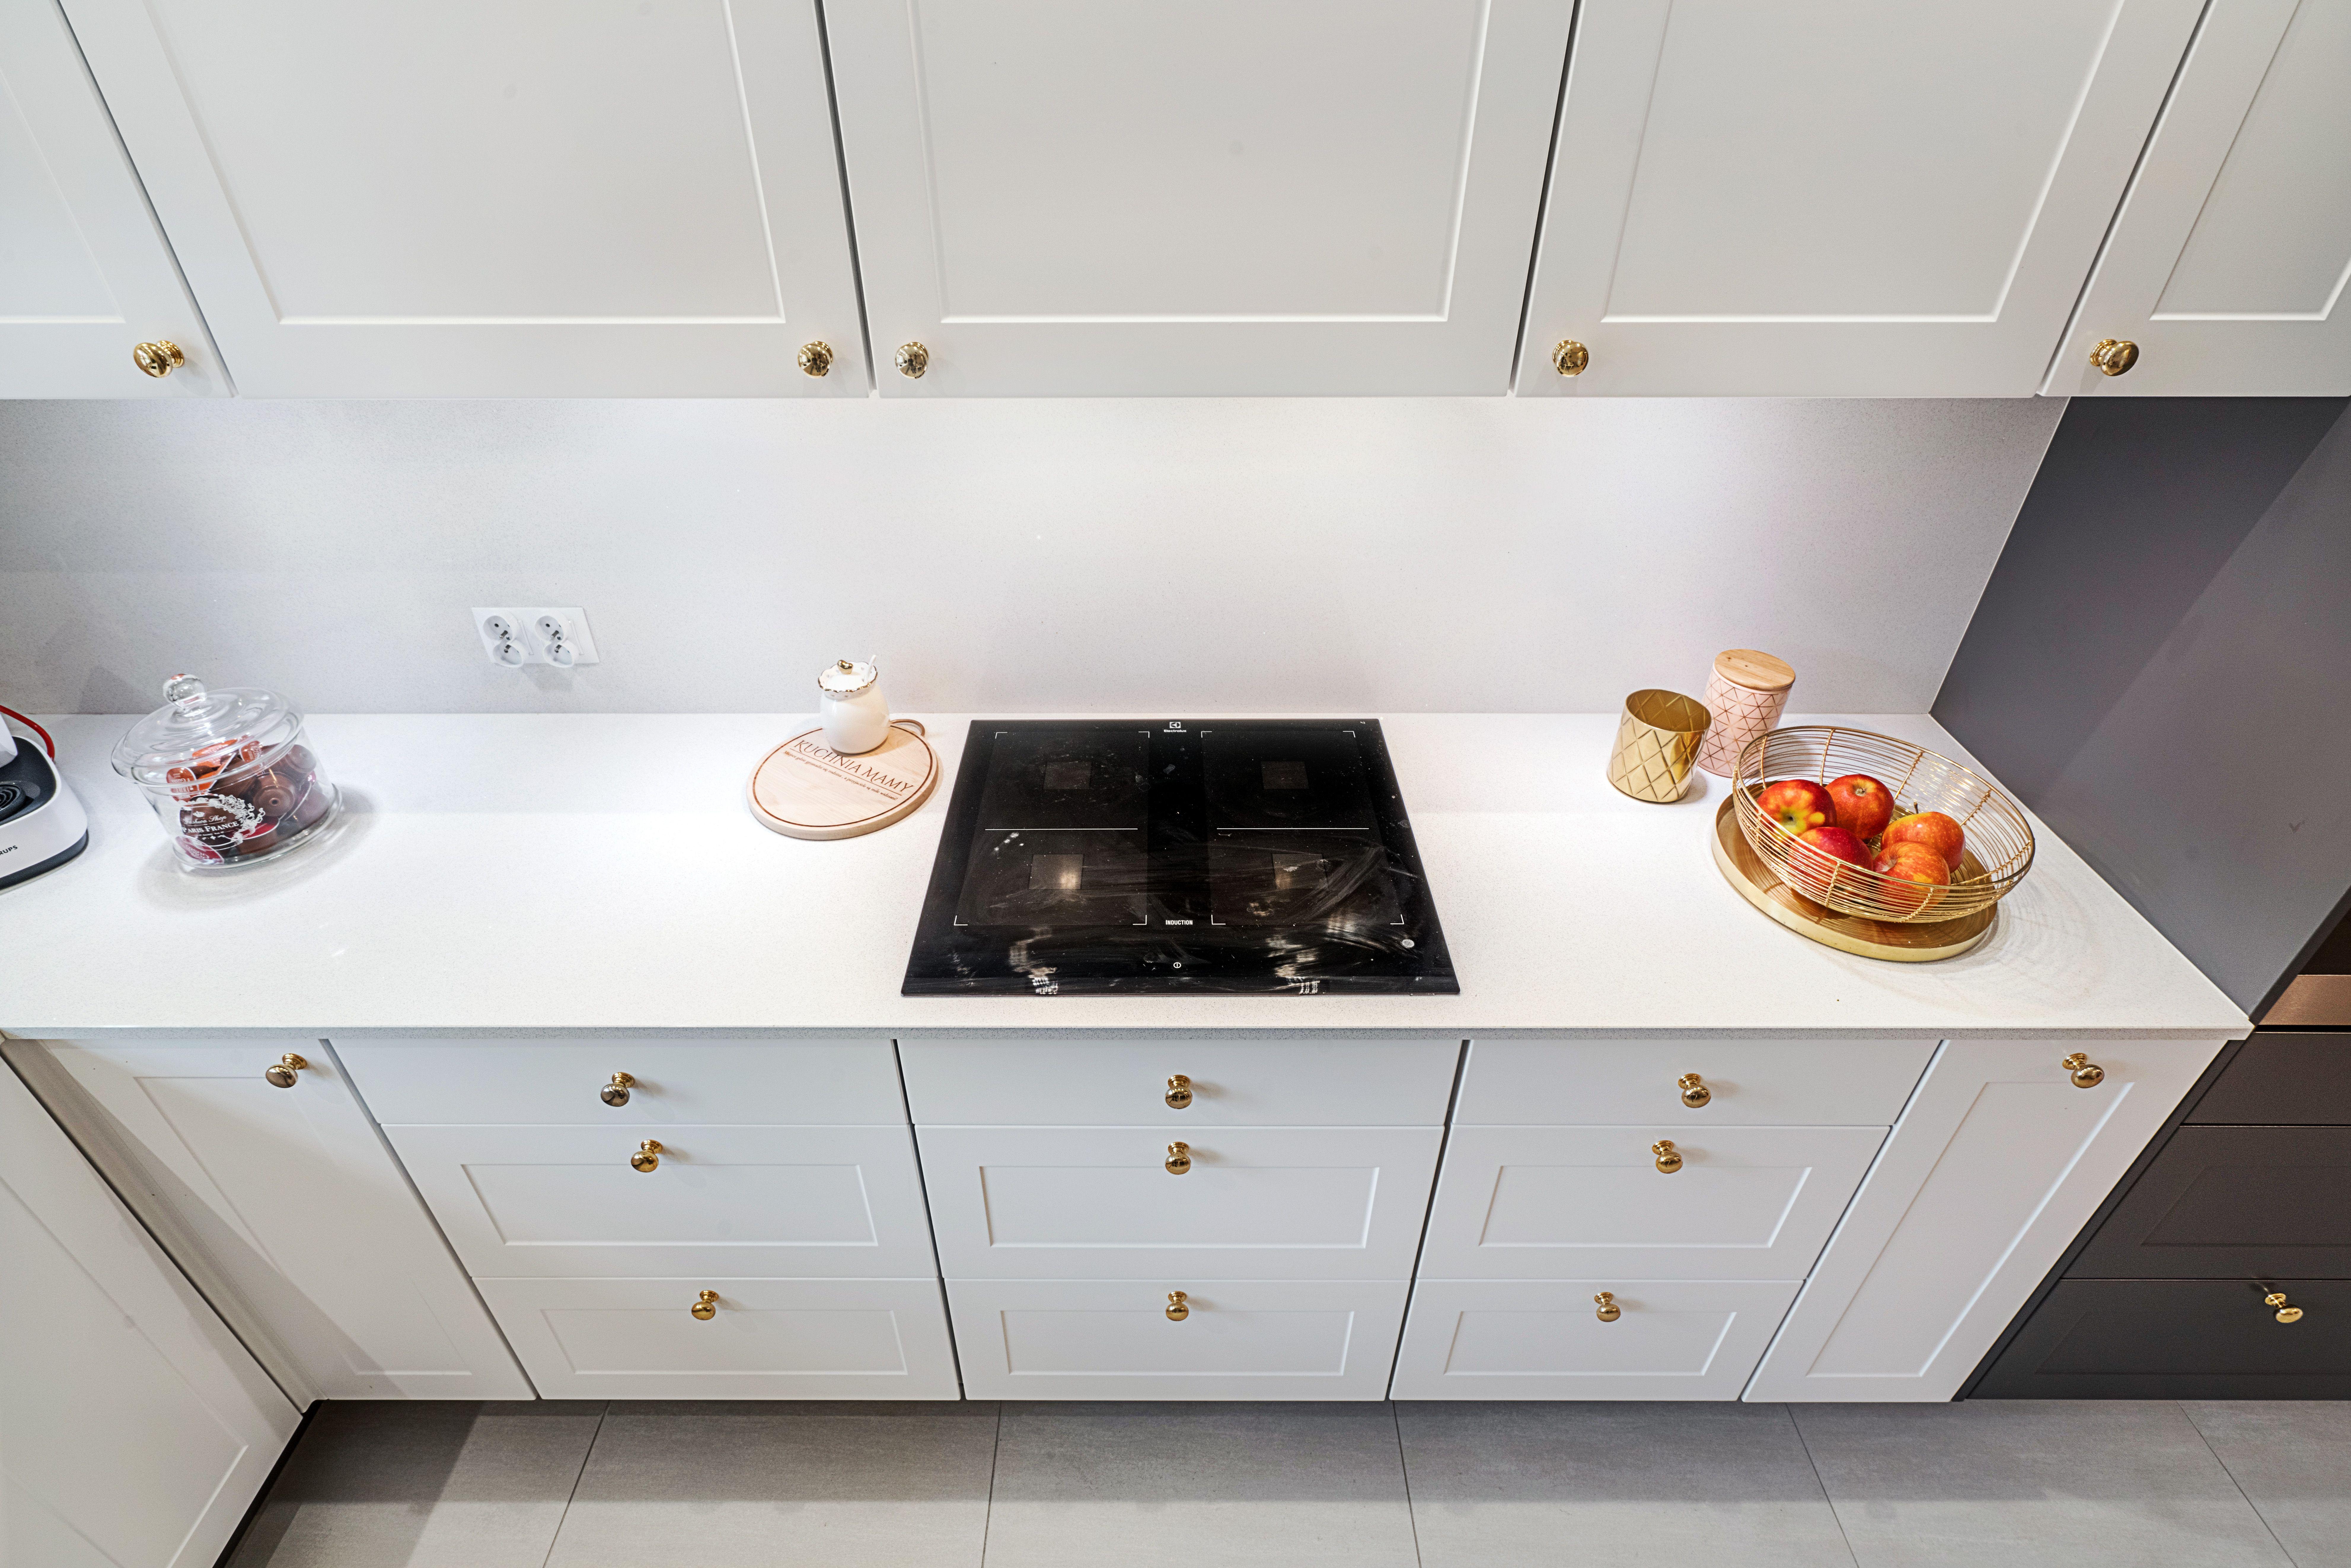 Klasyczna Kuchnia Zyskala Na Nowoczesmosci Dzieki Uchwytom W Kolorze Zlota Oraz Dodatkom Rowniez W Tym Kolorze Bialemeble Bia Decor Kitchen Kitchen Cabinets